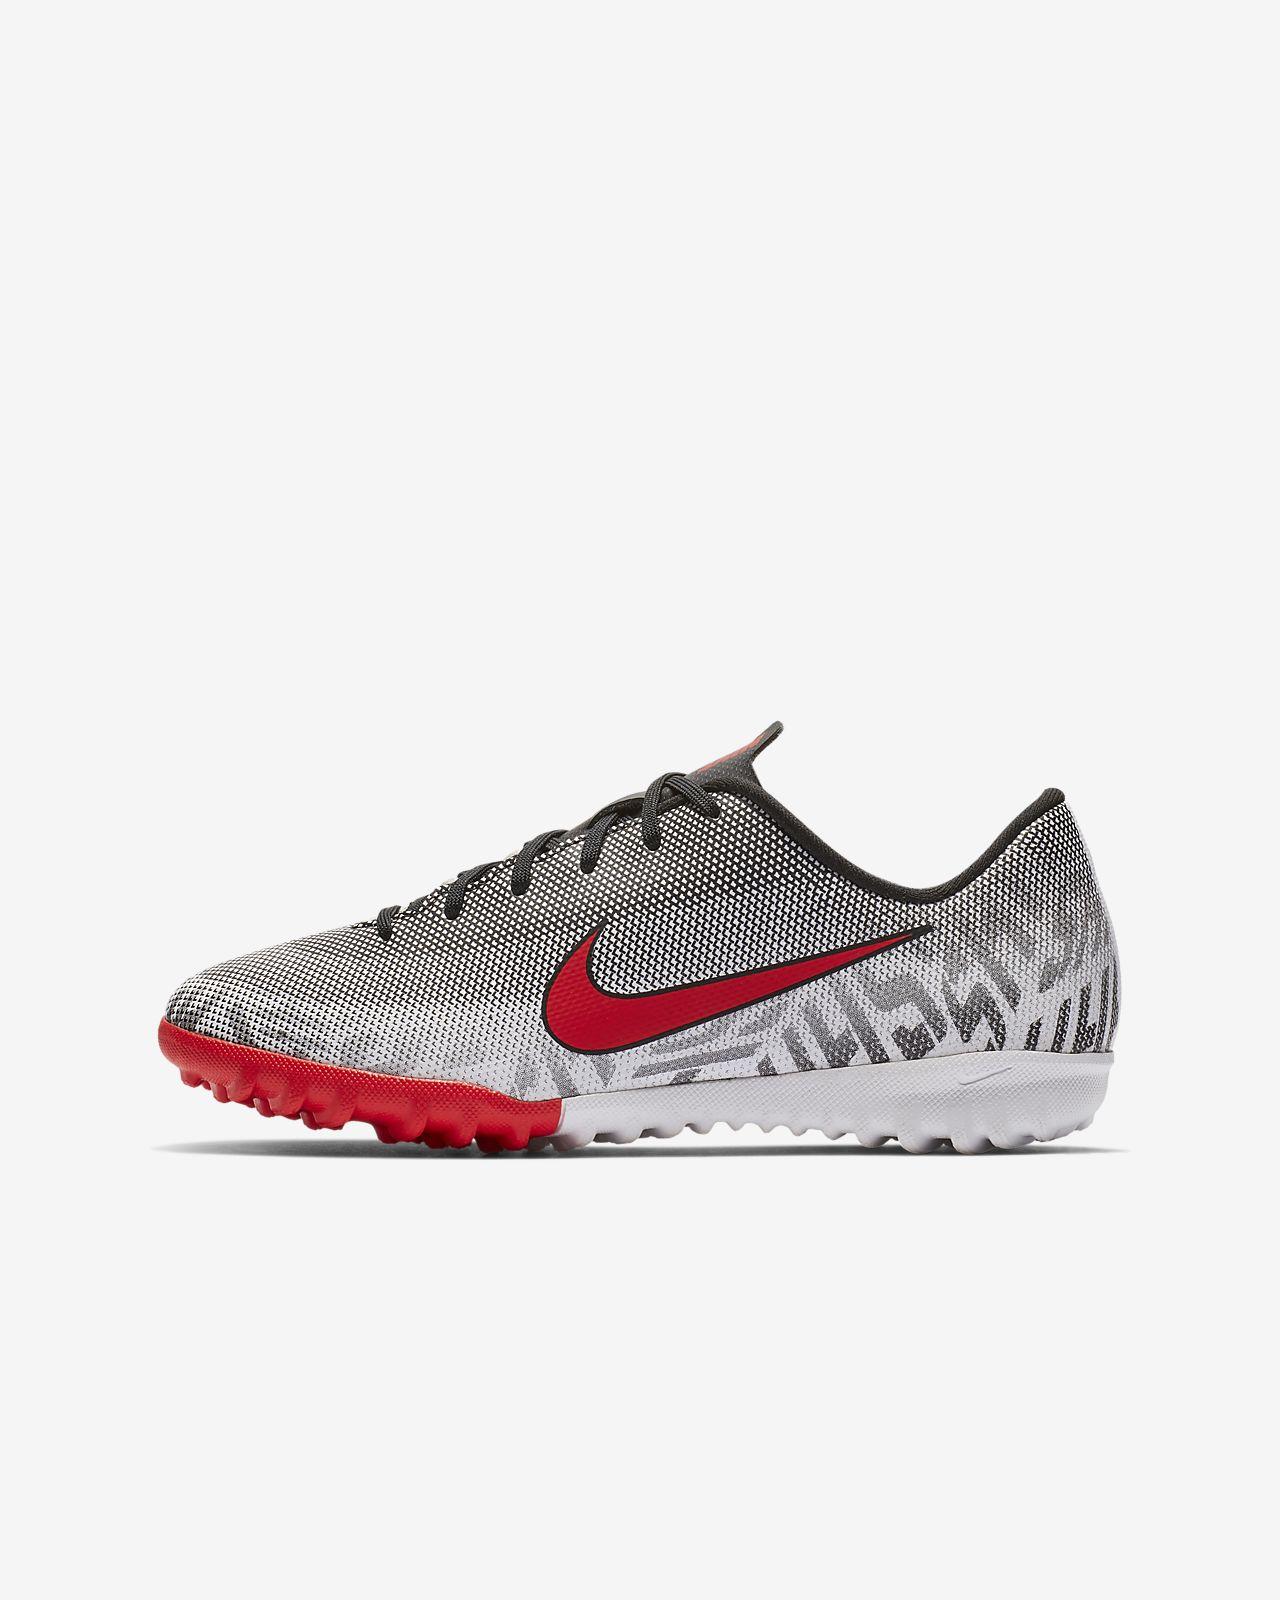 3271a70a0ee0a ... Nike Jr. Mercurial Vapor XII Academy Neymar Jr Botas de fútbol para  hierba artificial o